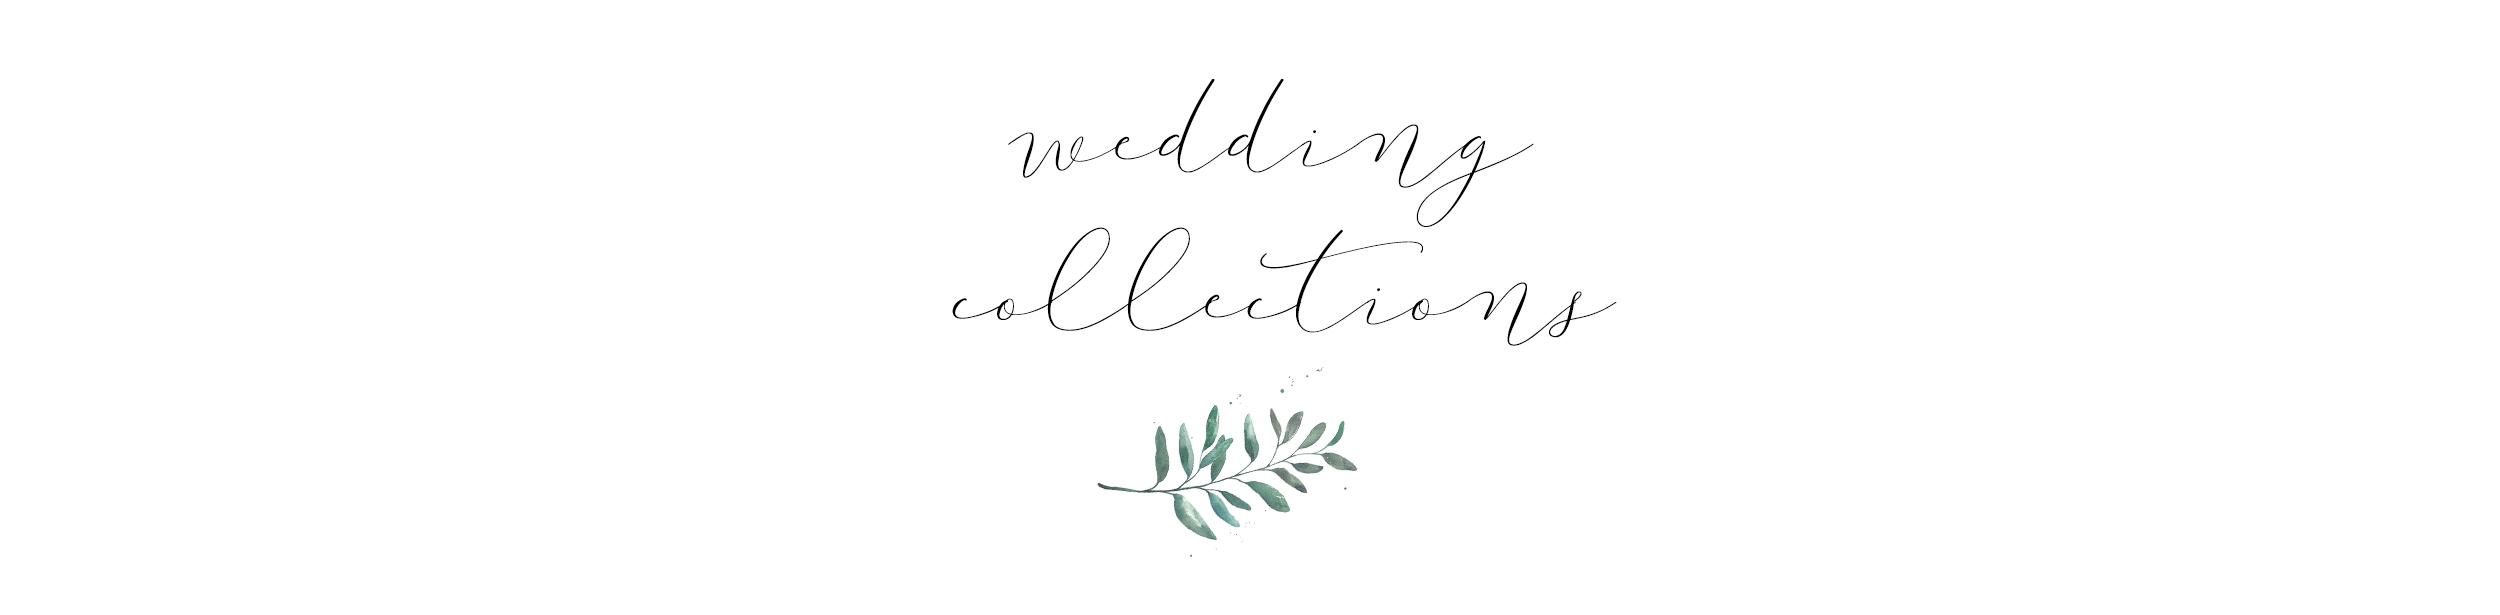 wedding intro.jpg